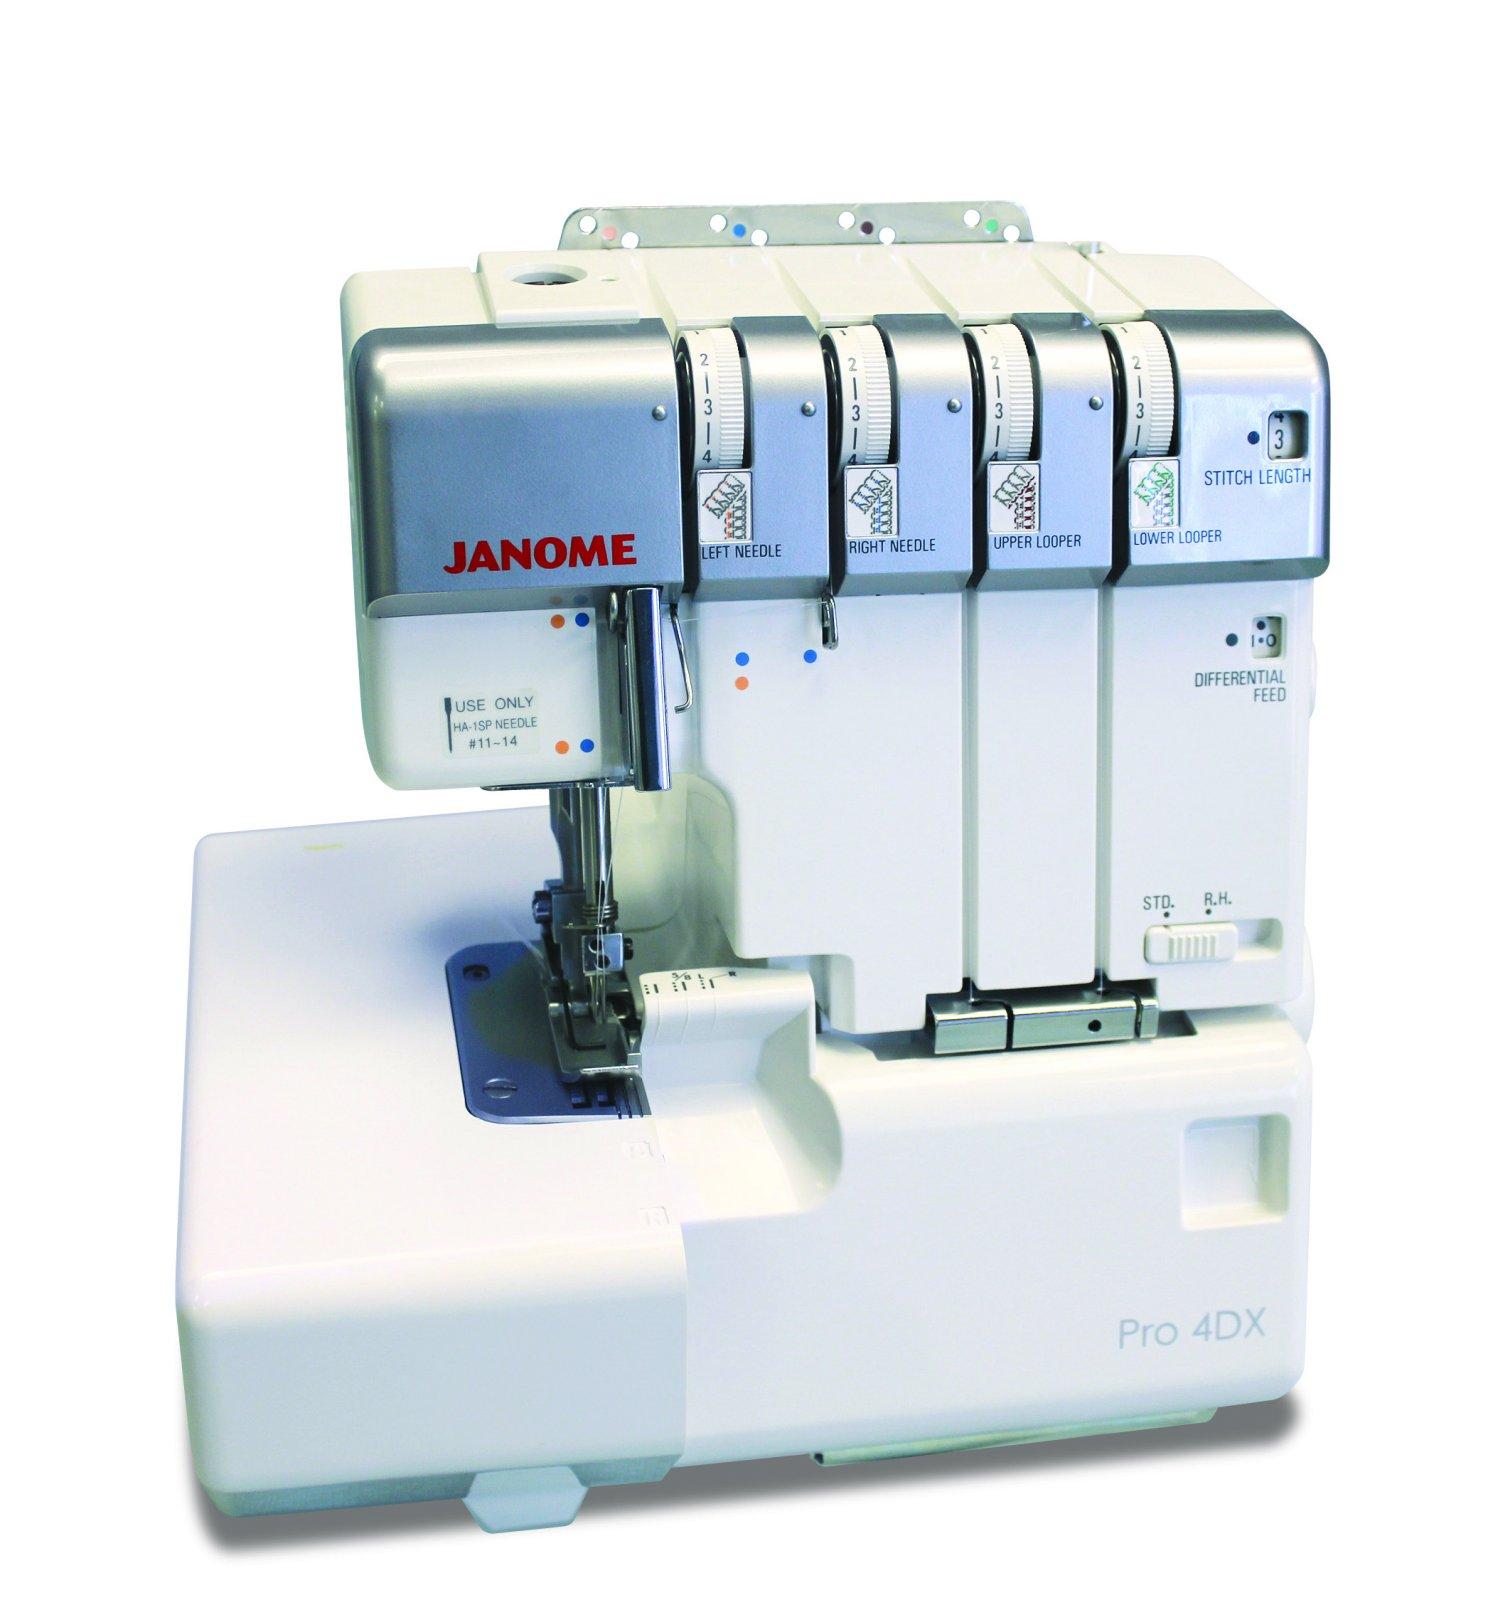 JANOME PRO-4DX